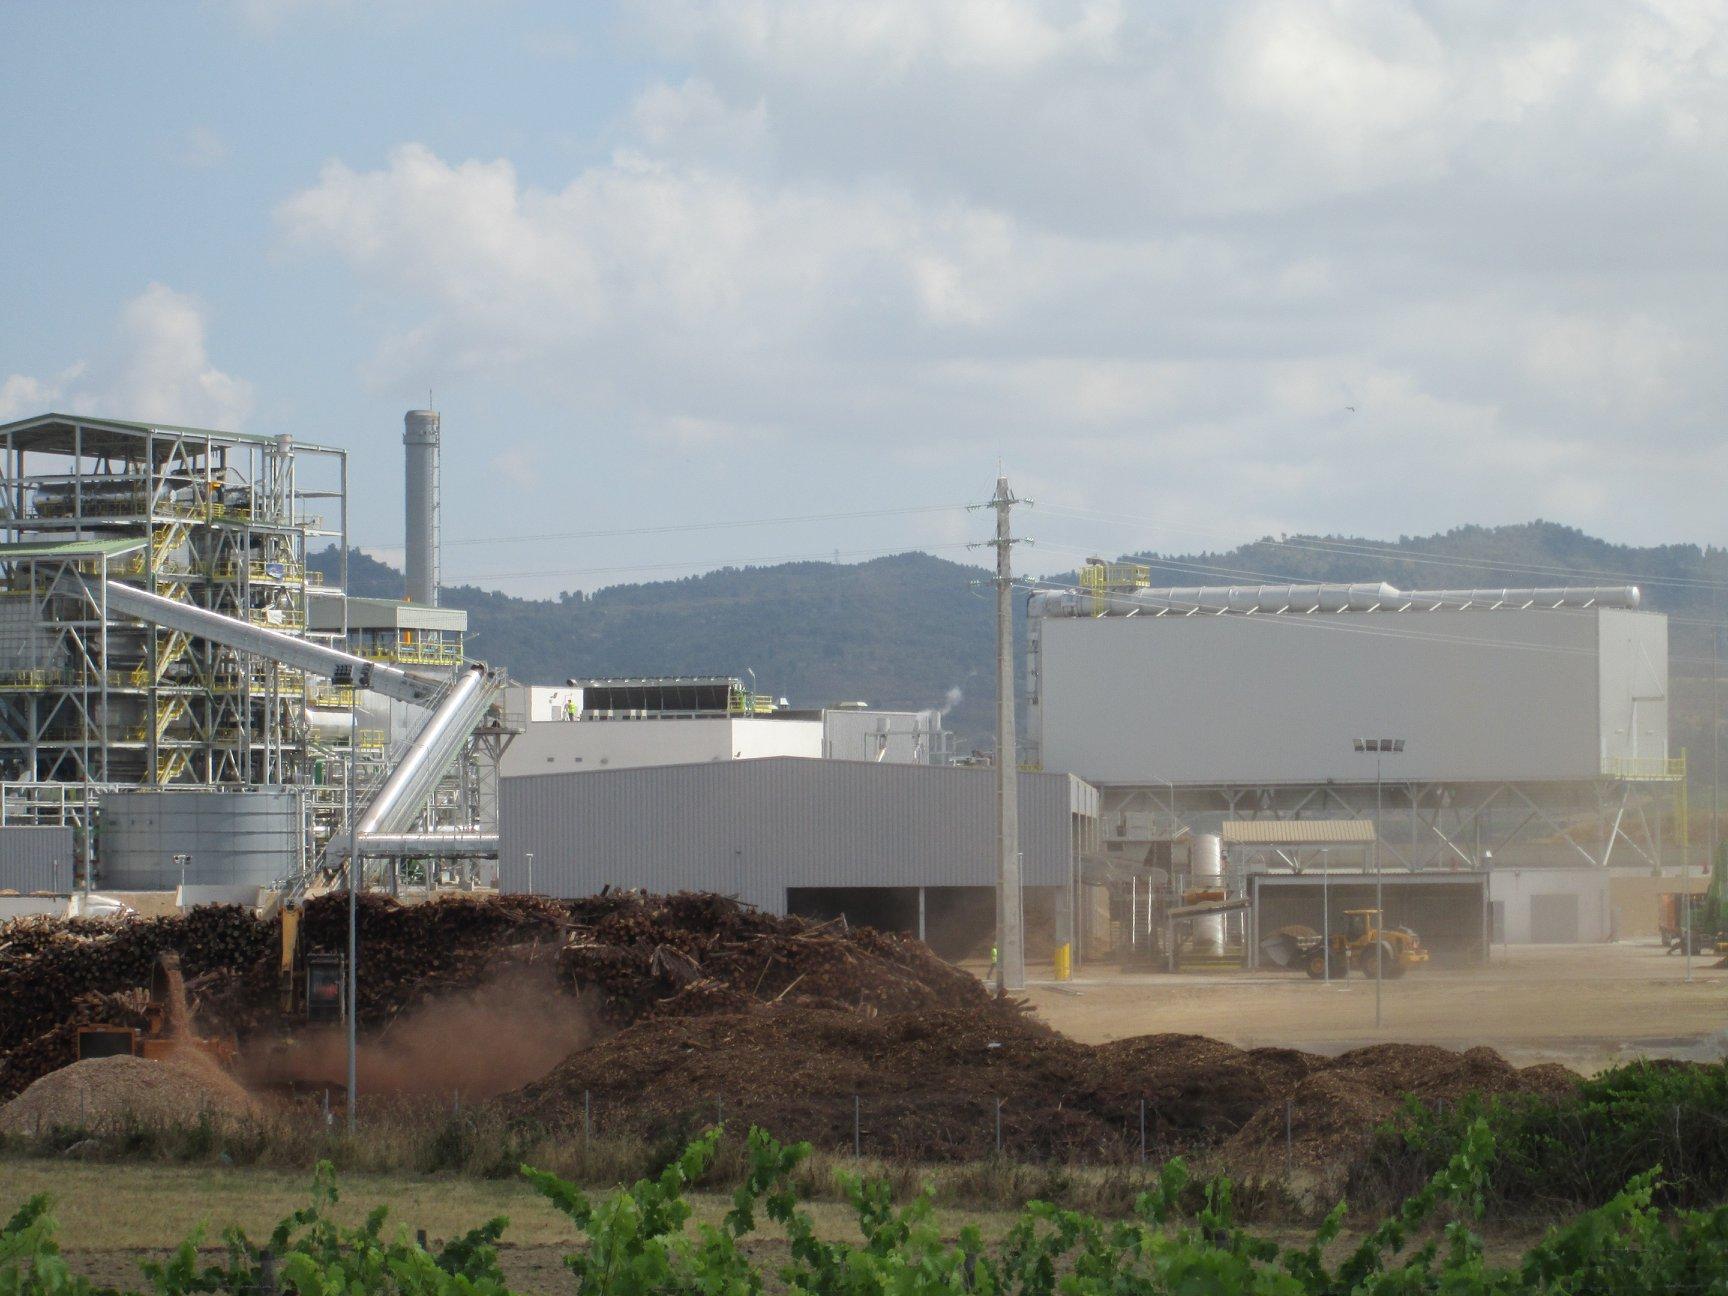 Quercus denuncia impactos provocados pela Central de Biomassa no Fundão